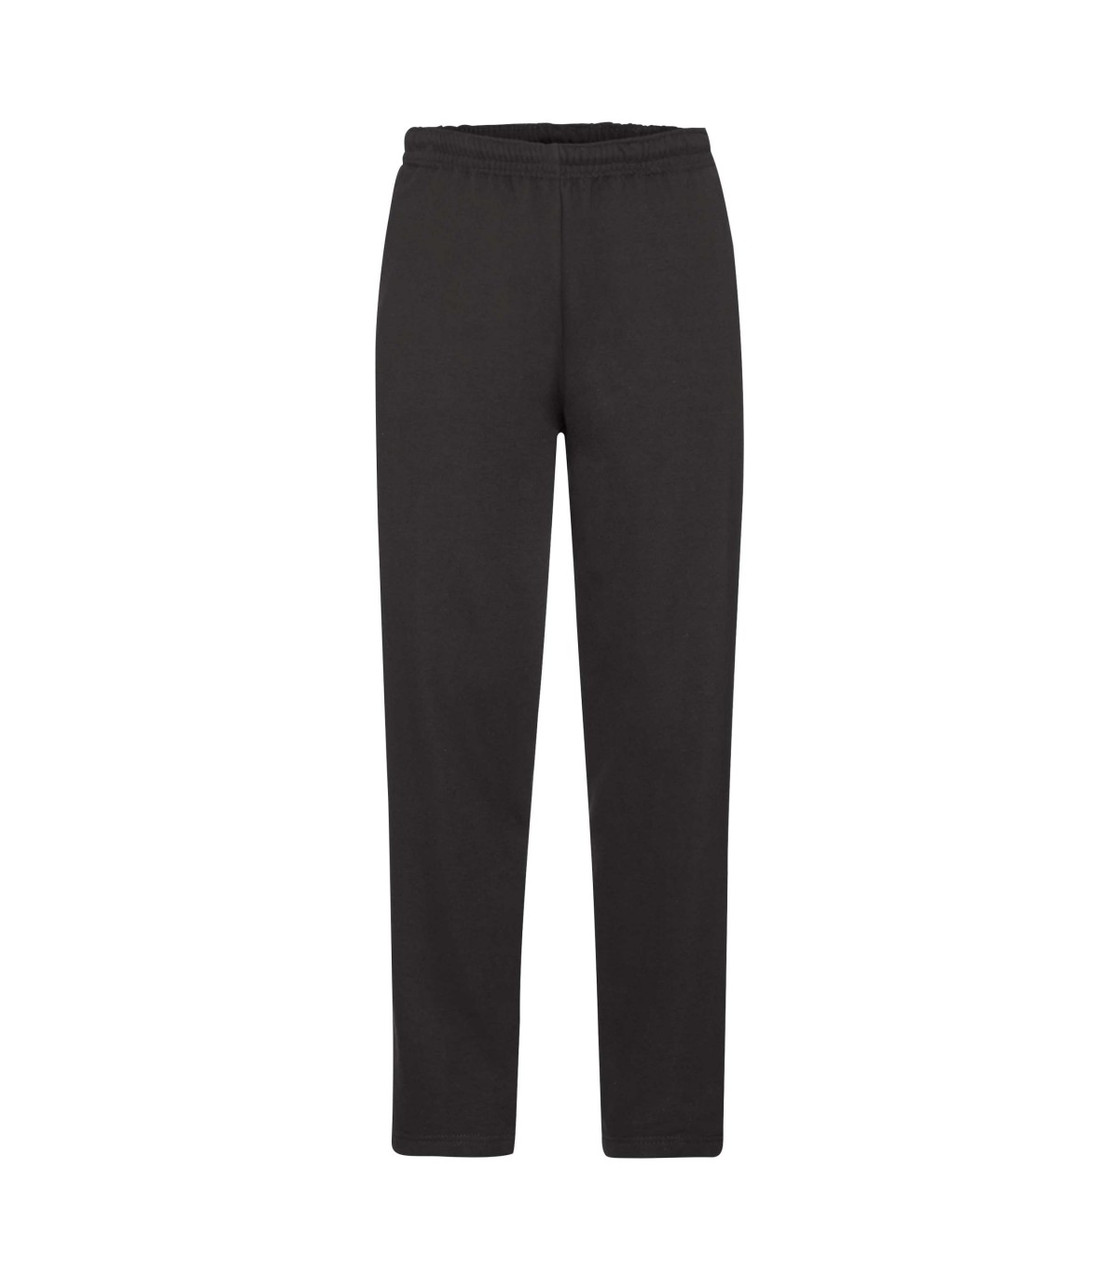 Мужские легкие спортивные брюки черные 038-36